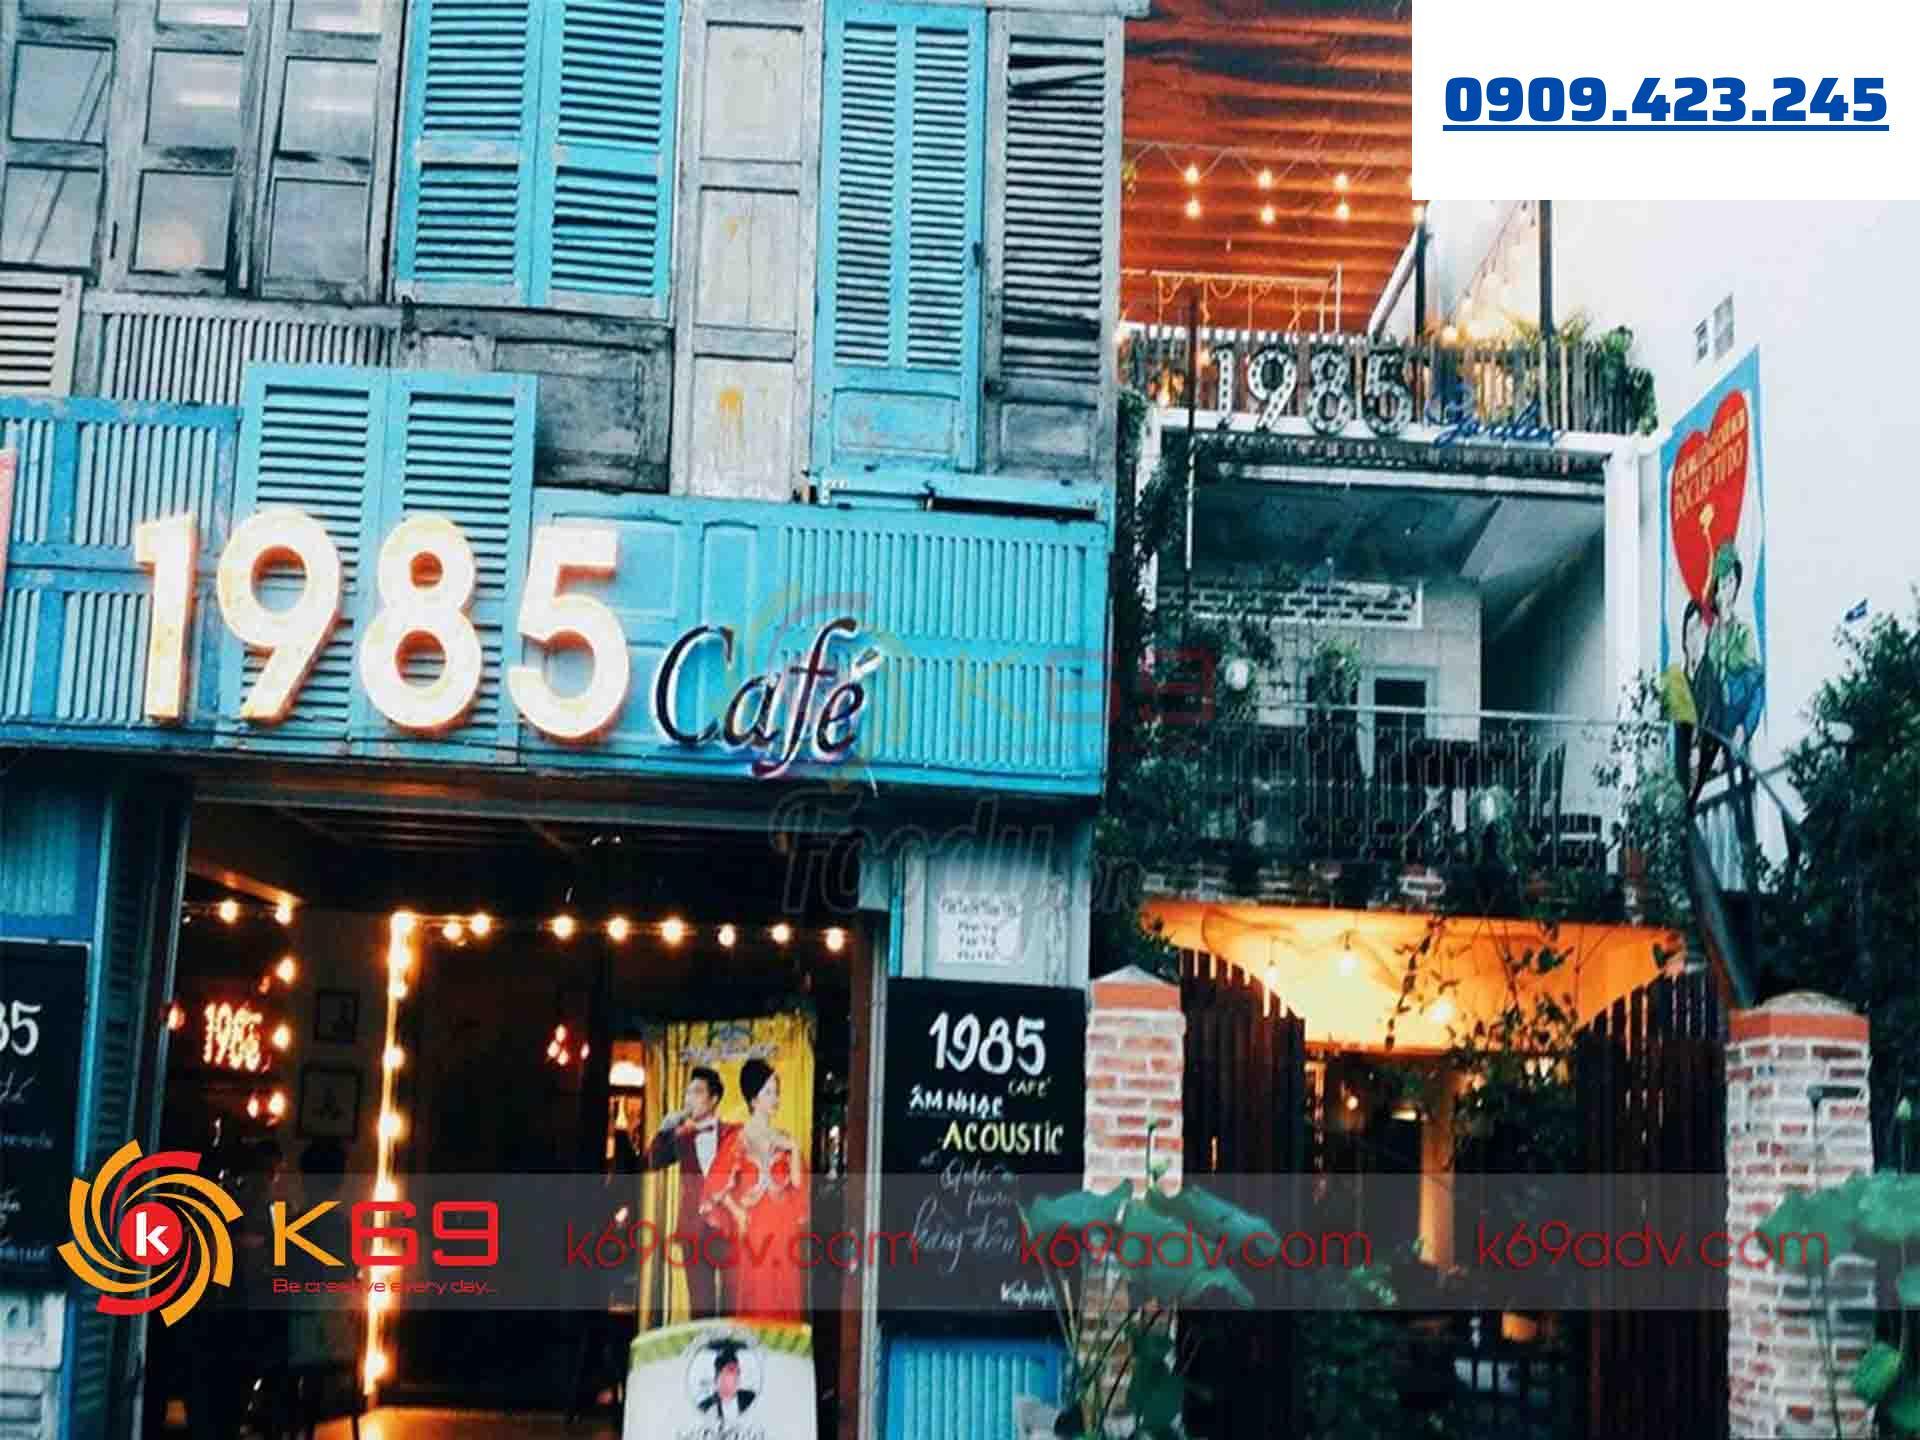 Mẫu bảng hiệu cafe đẹp chữ nổi đèn LED của K69ADV